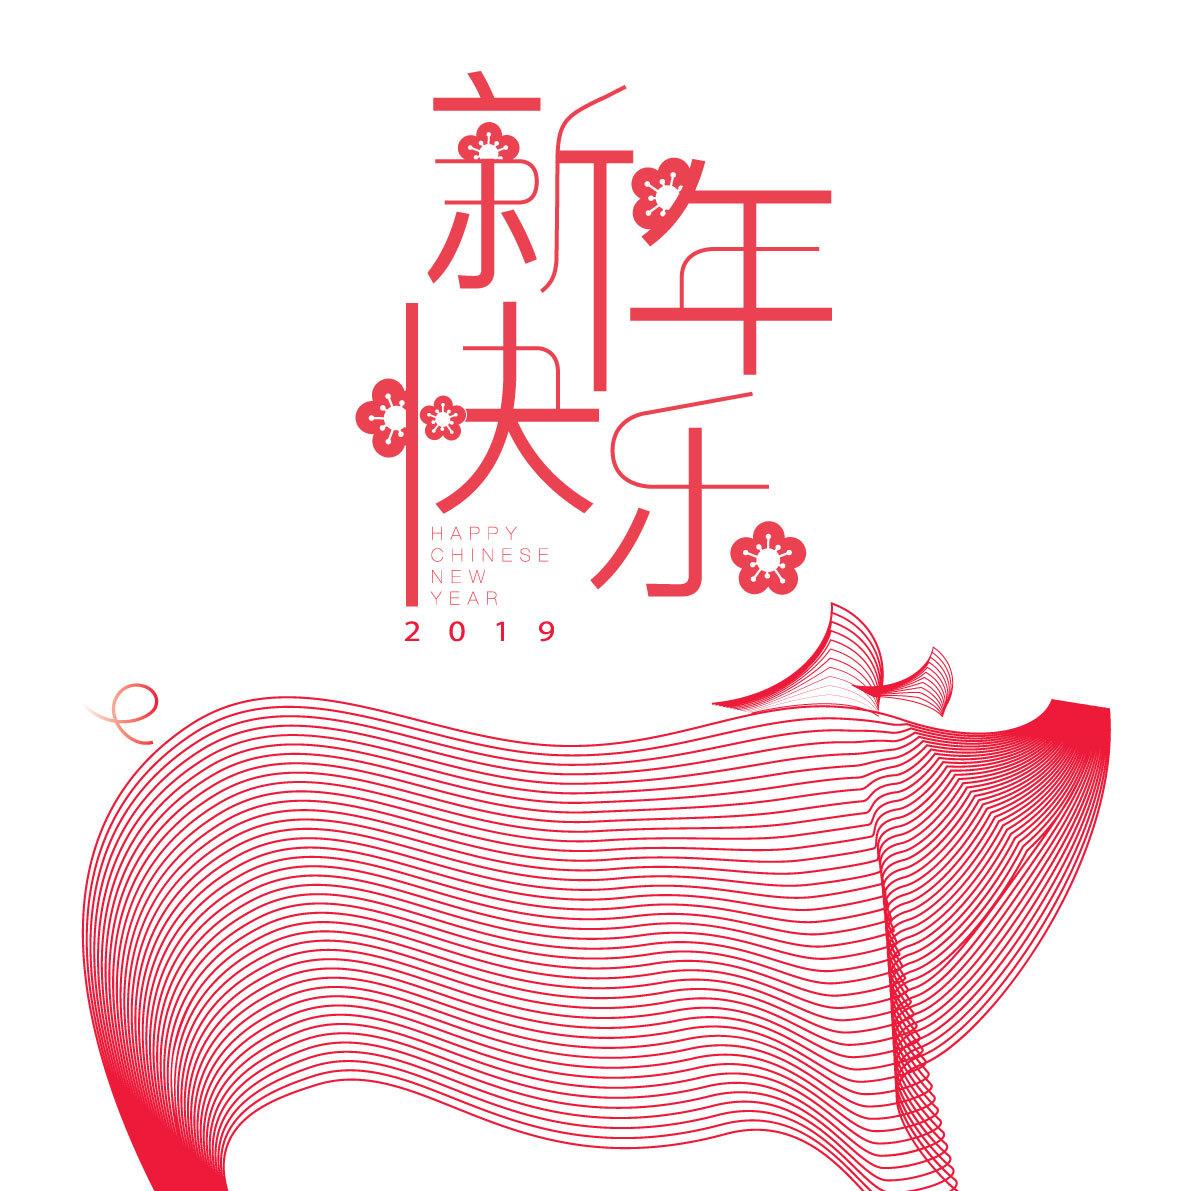 2019猪年新年春节创意矢量素材 元素-第1张